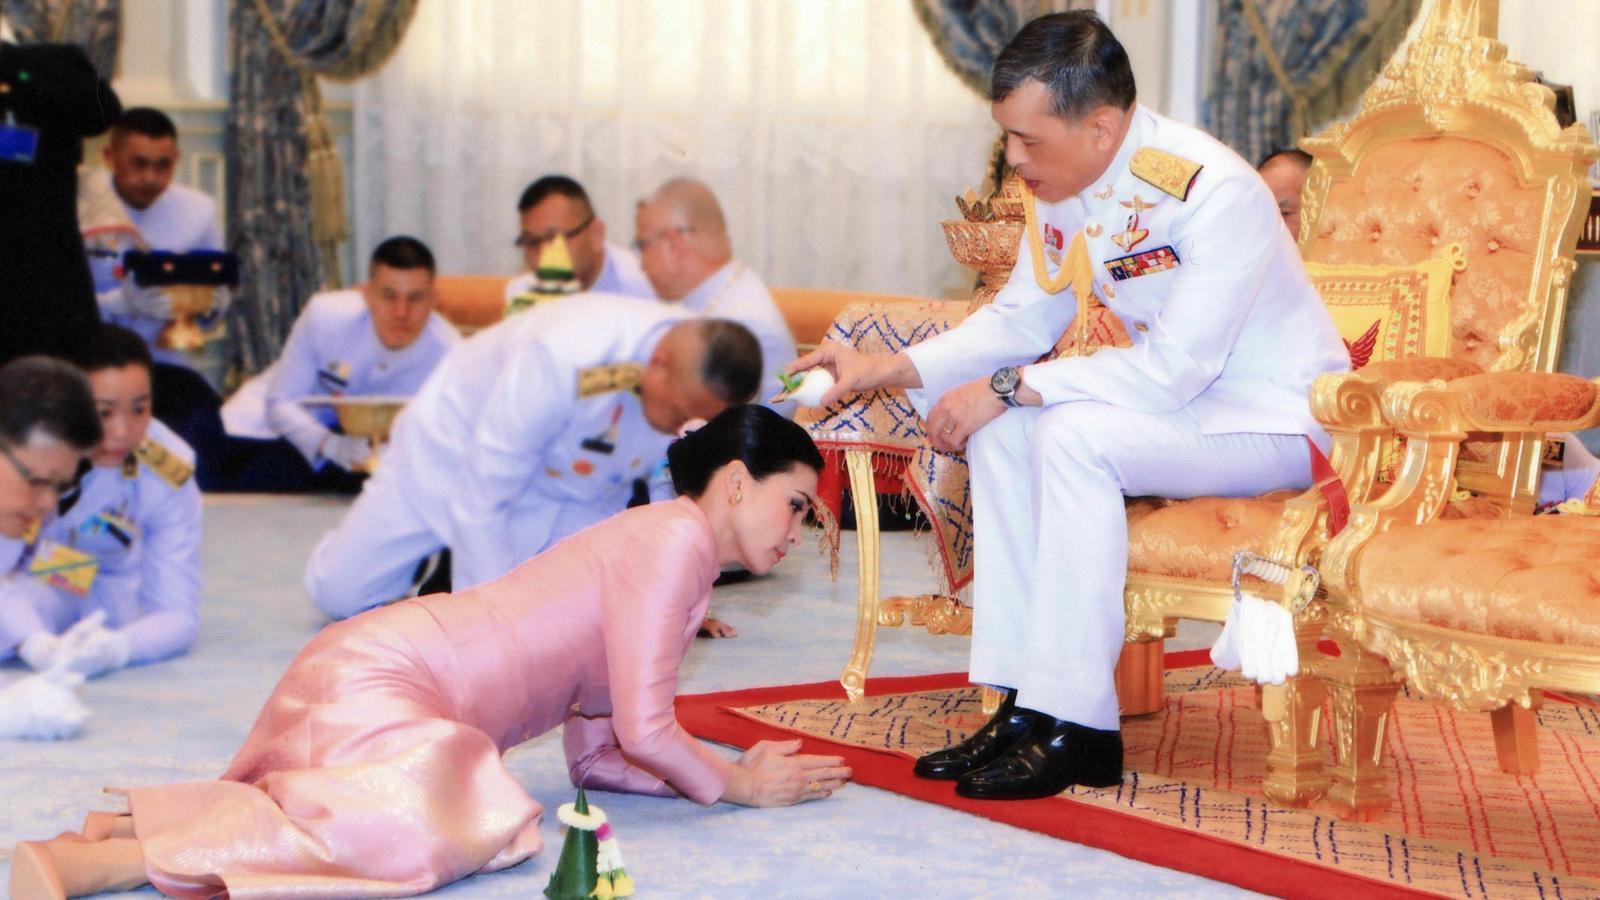 Un moment de la cerimònia en què el marit mulla l'esposa amb aigua beneïda.